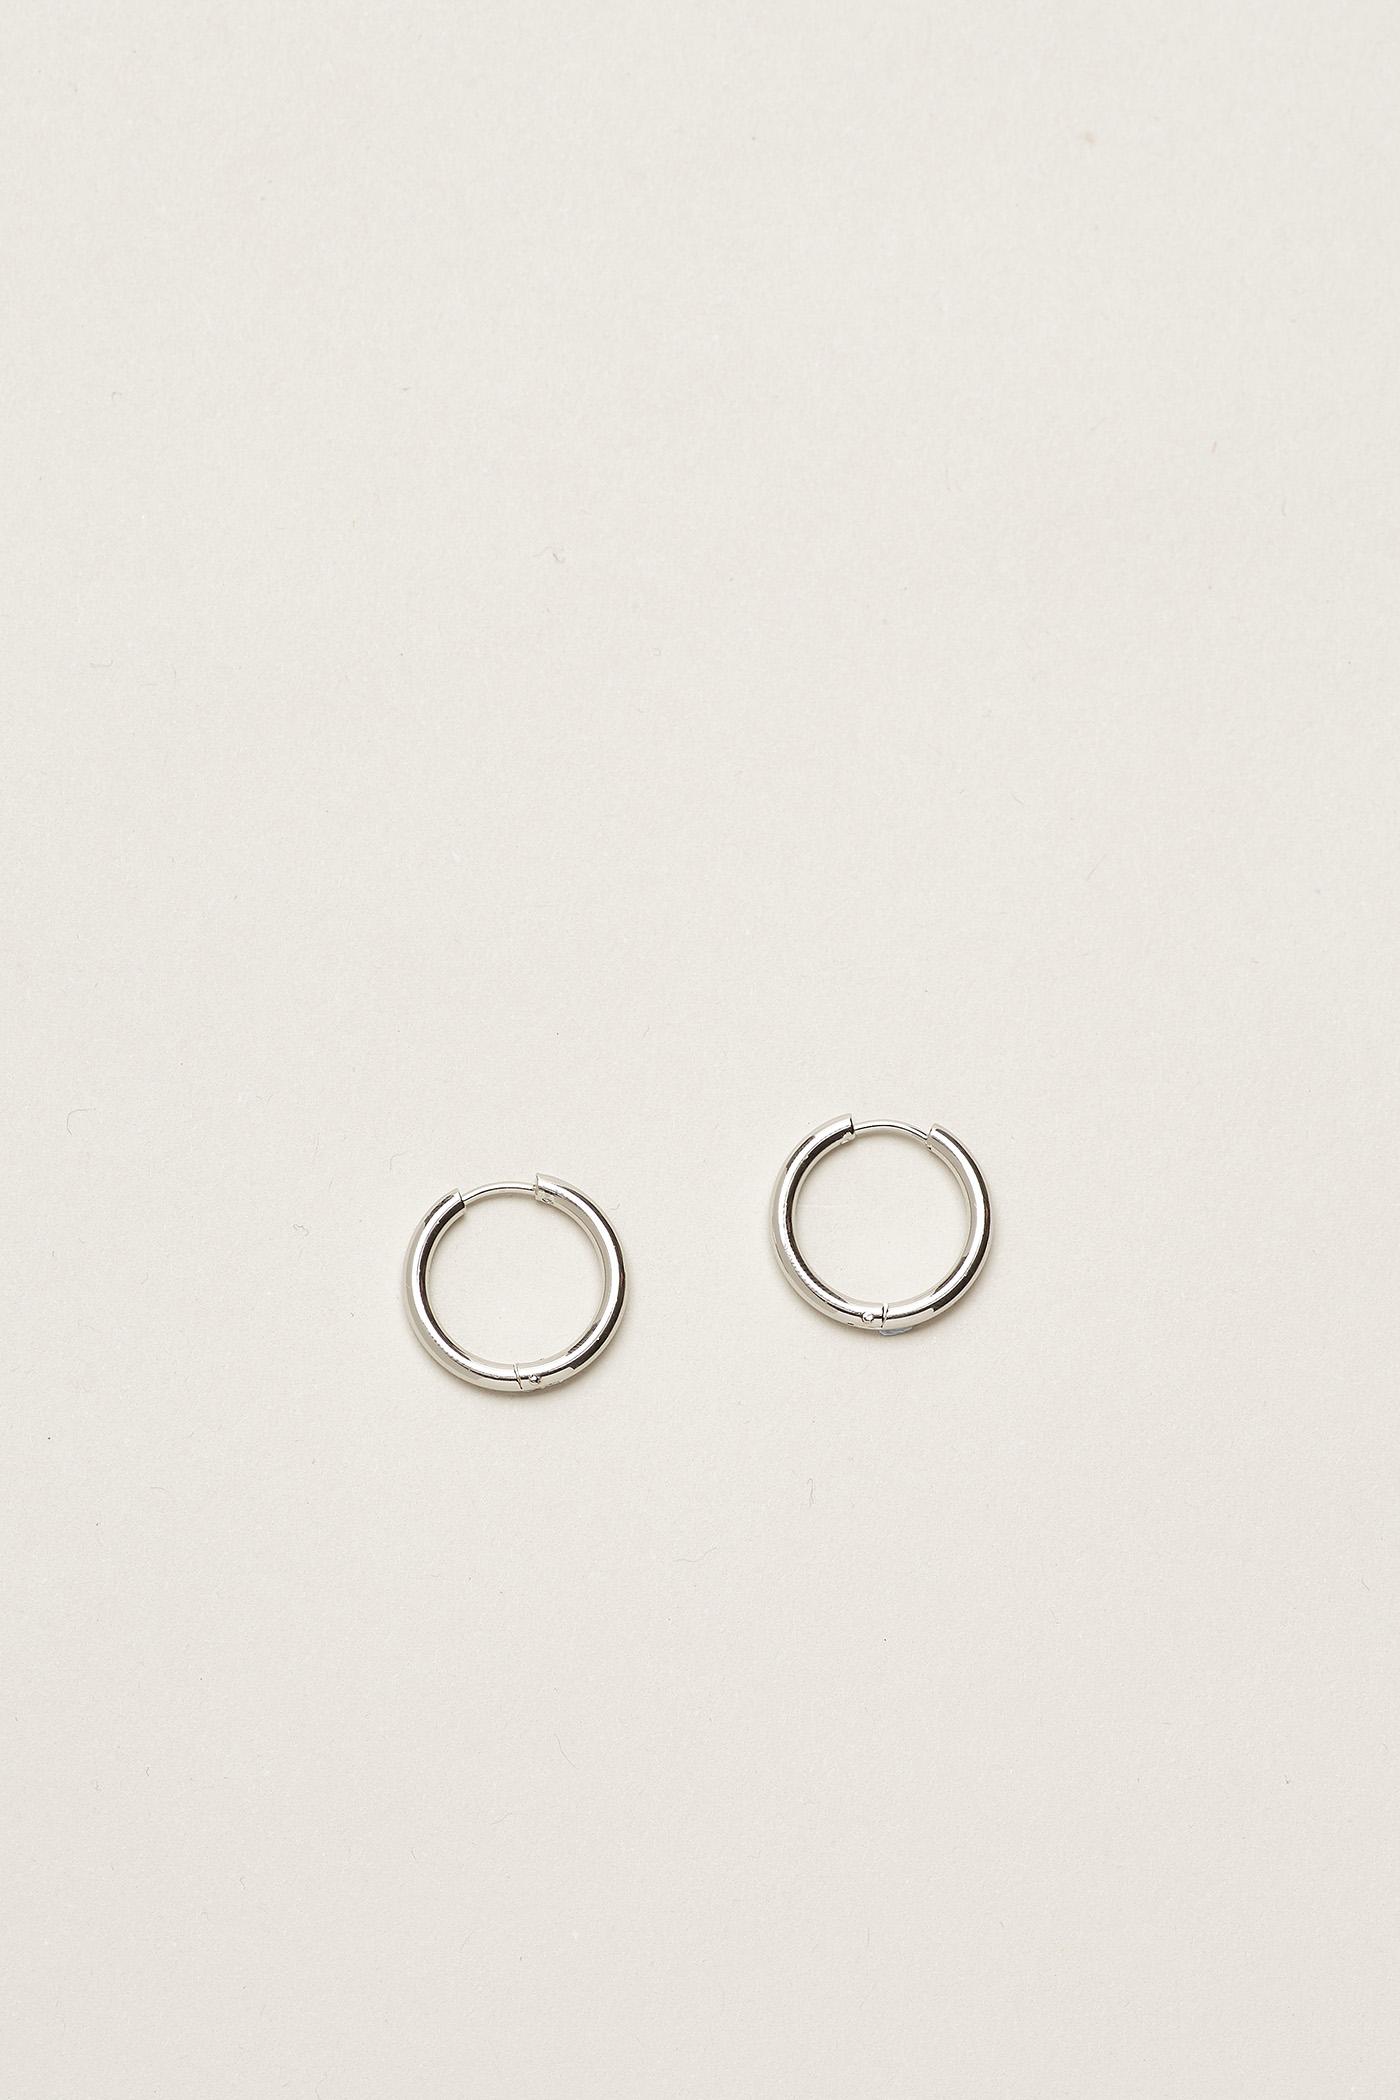 Elettra Hinge Hoop Earrings